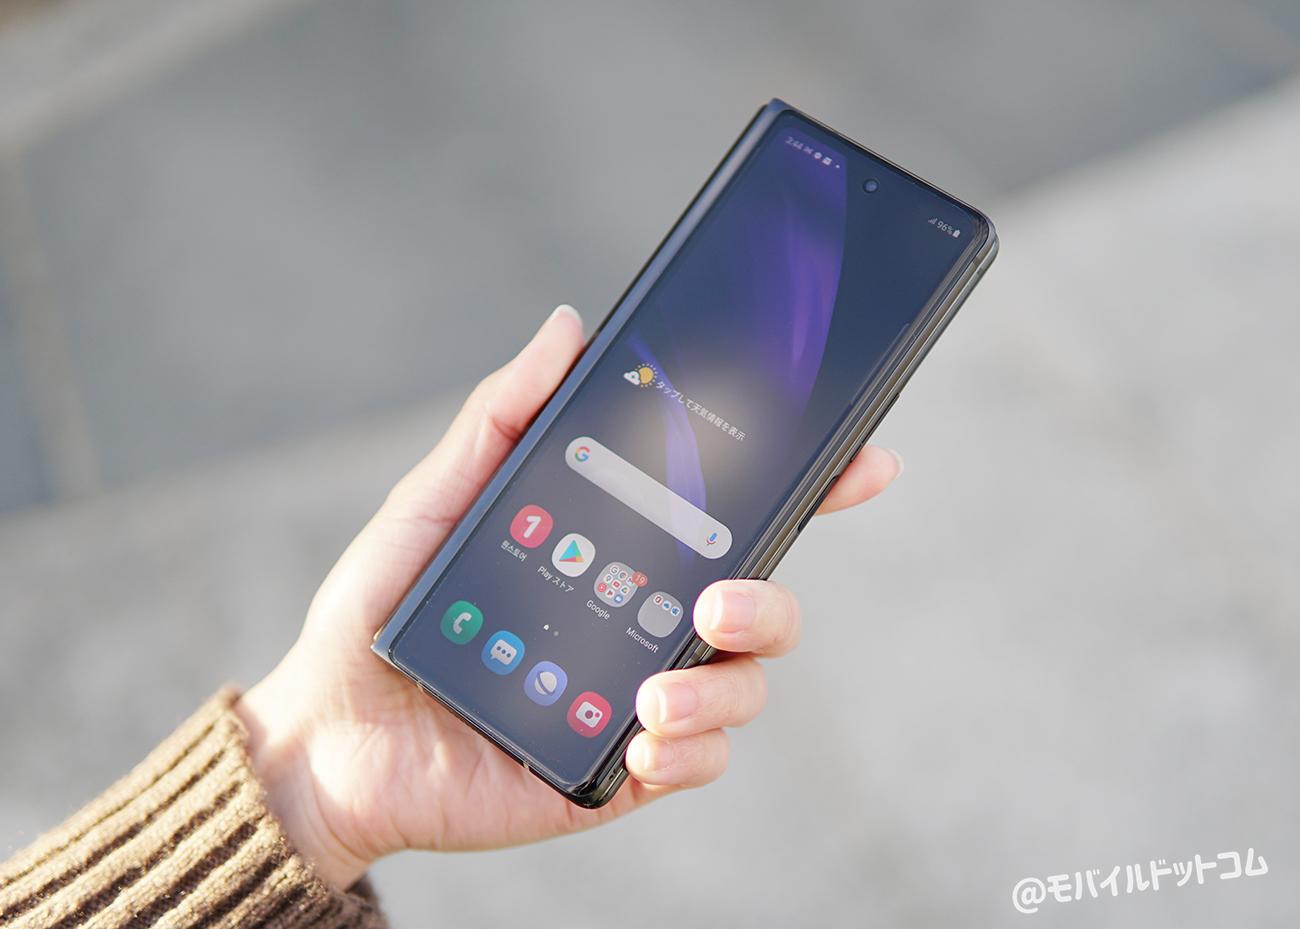 Galaxy Z Fold2 5Gの価格とお得に買う方法